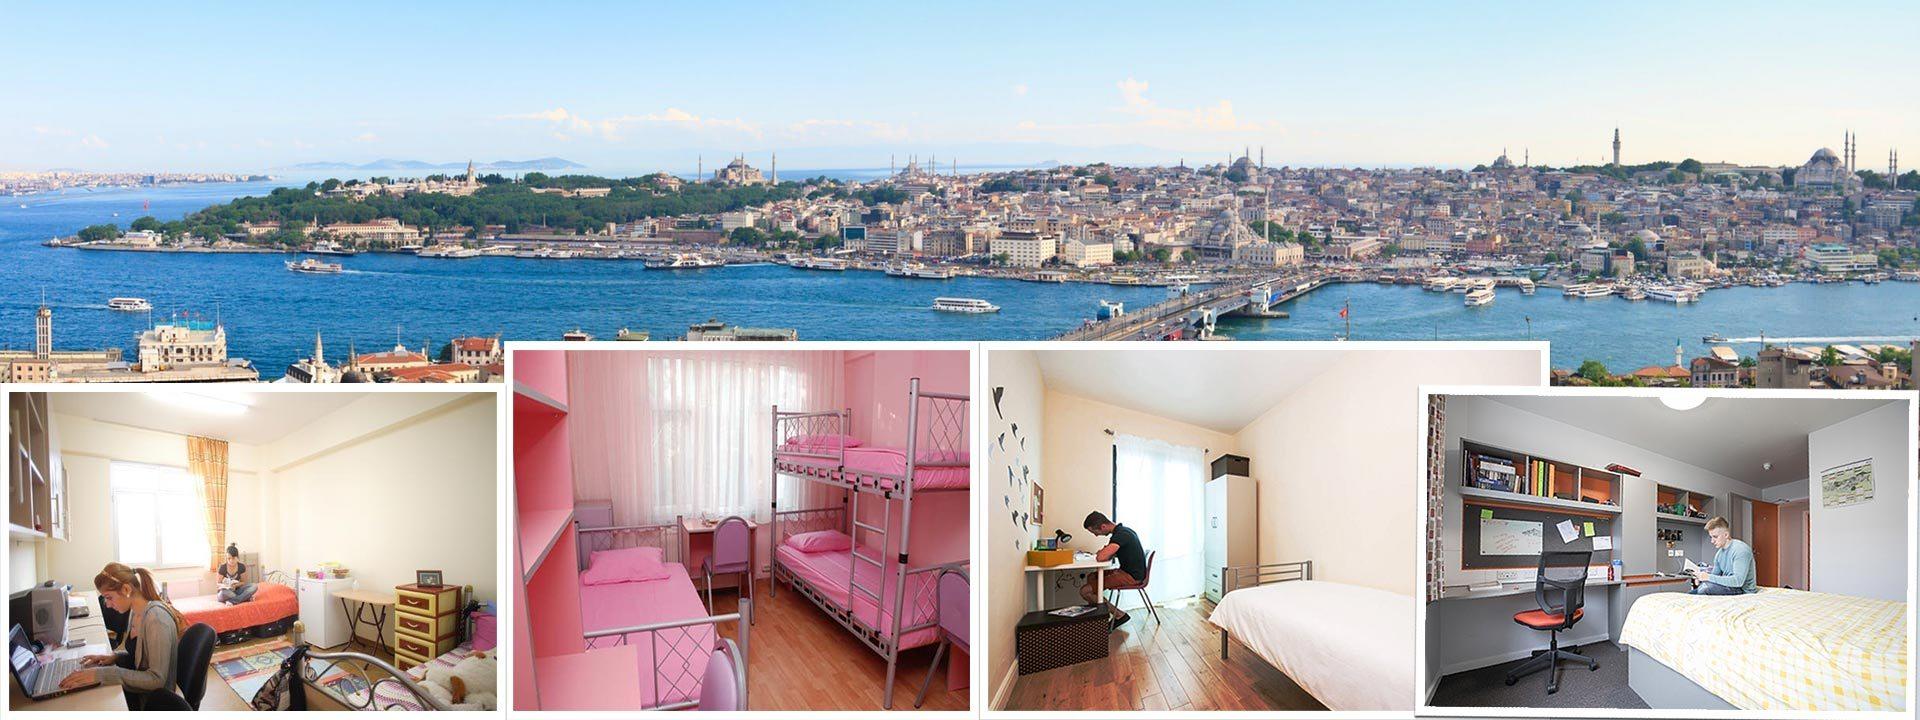 accommodation-konaklama